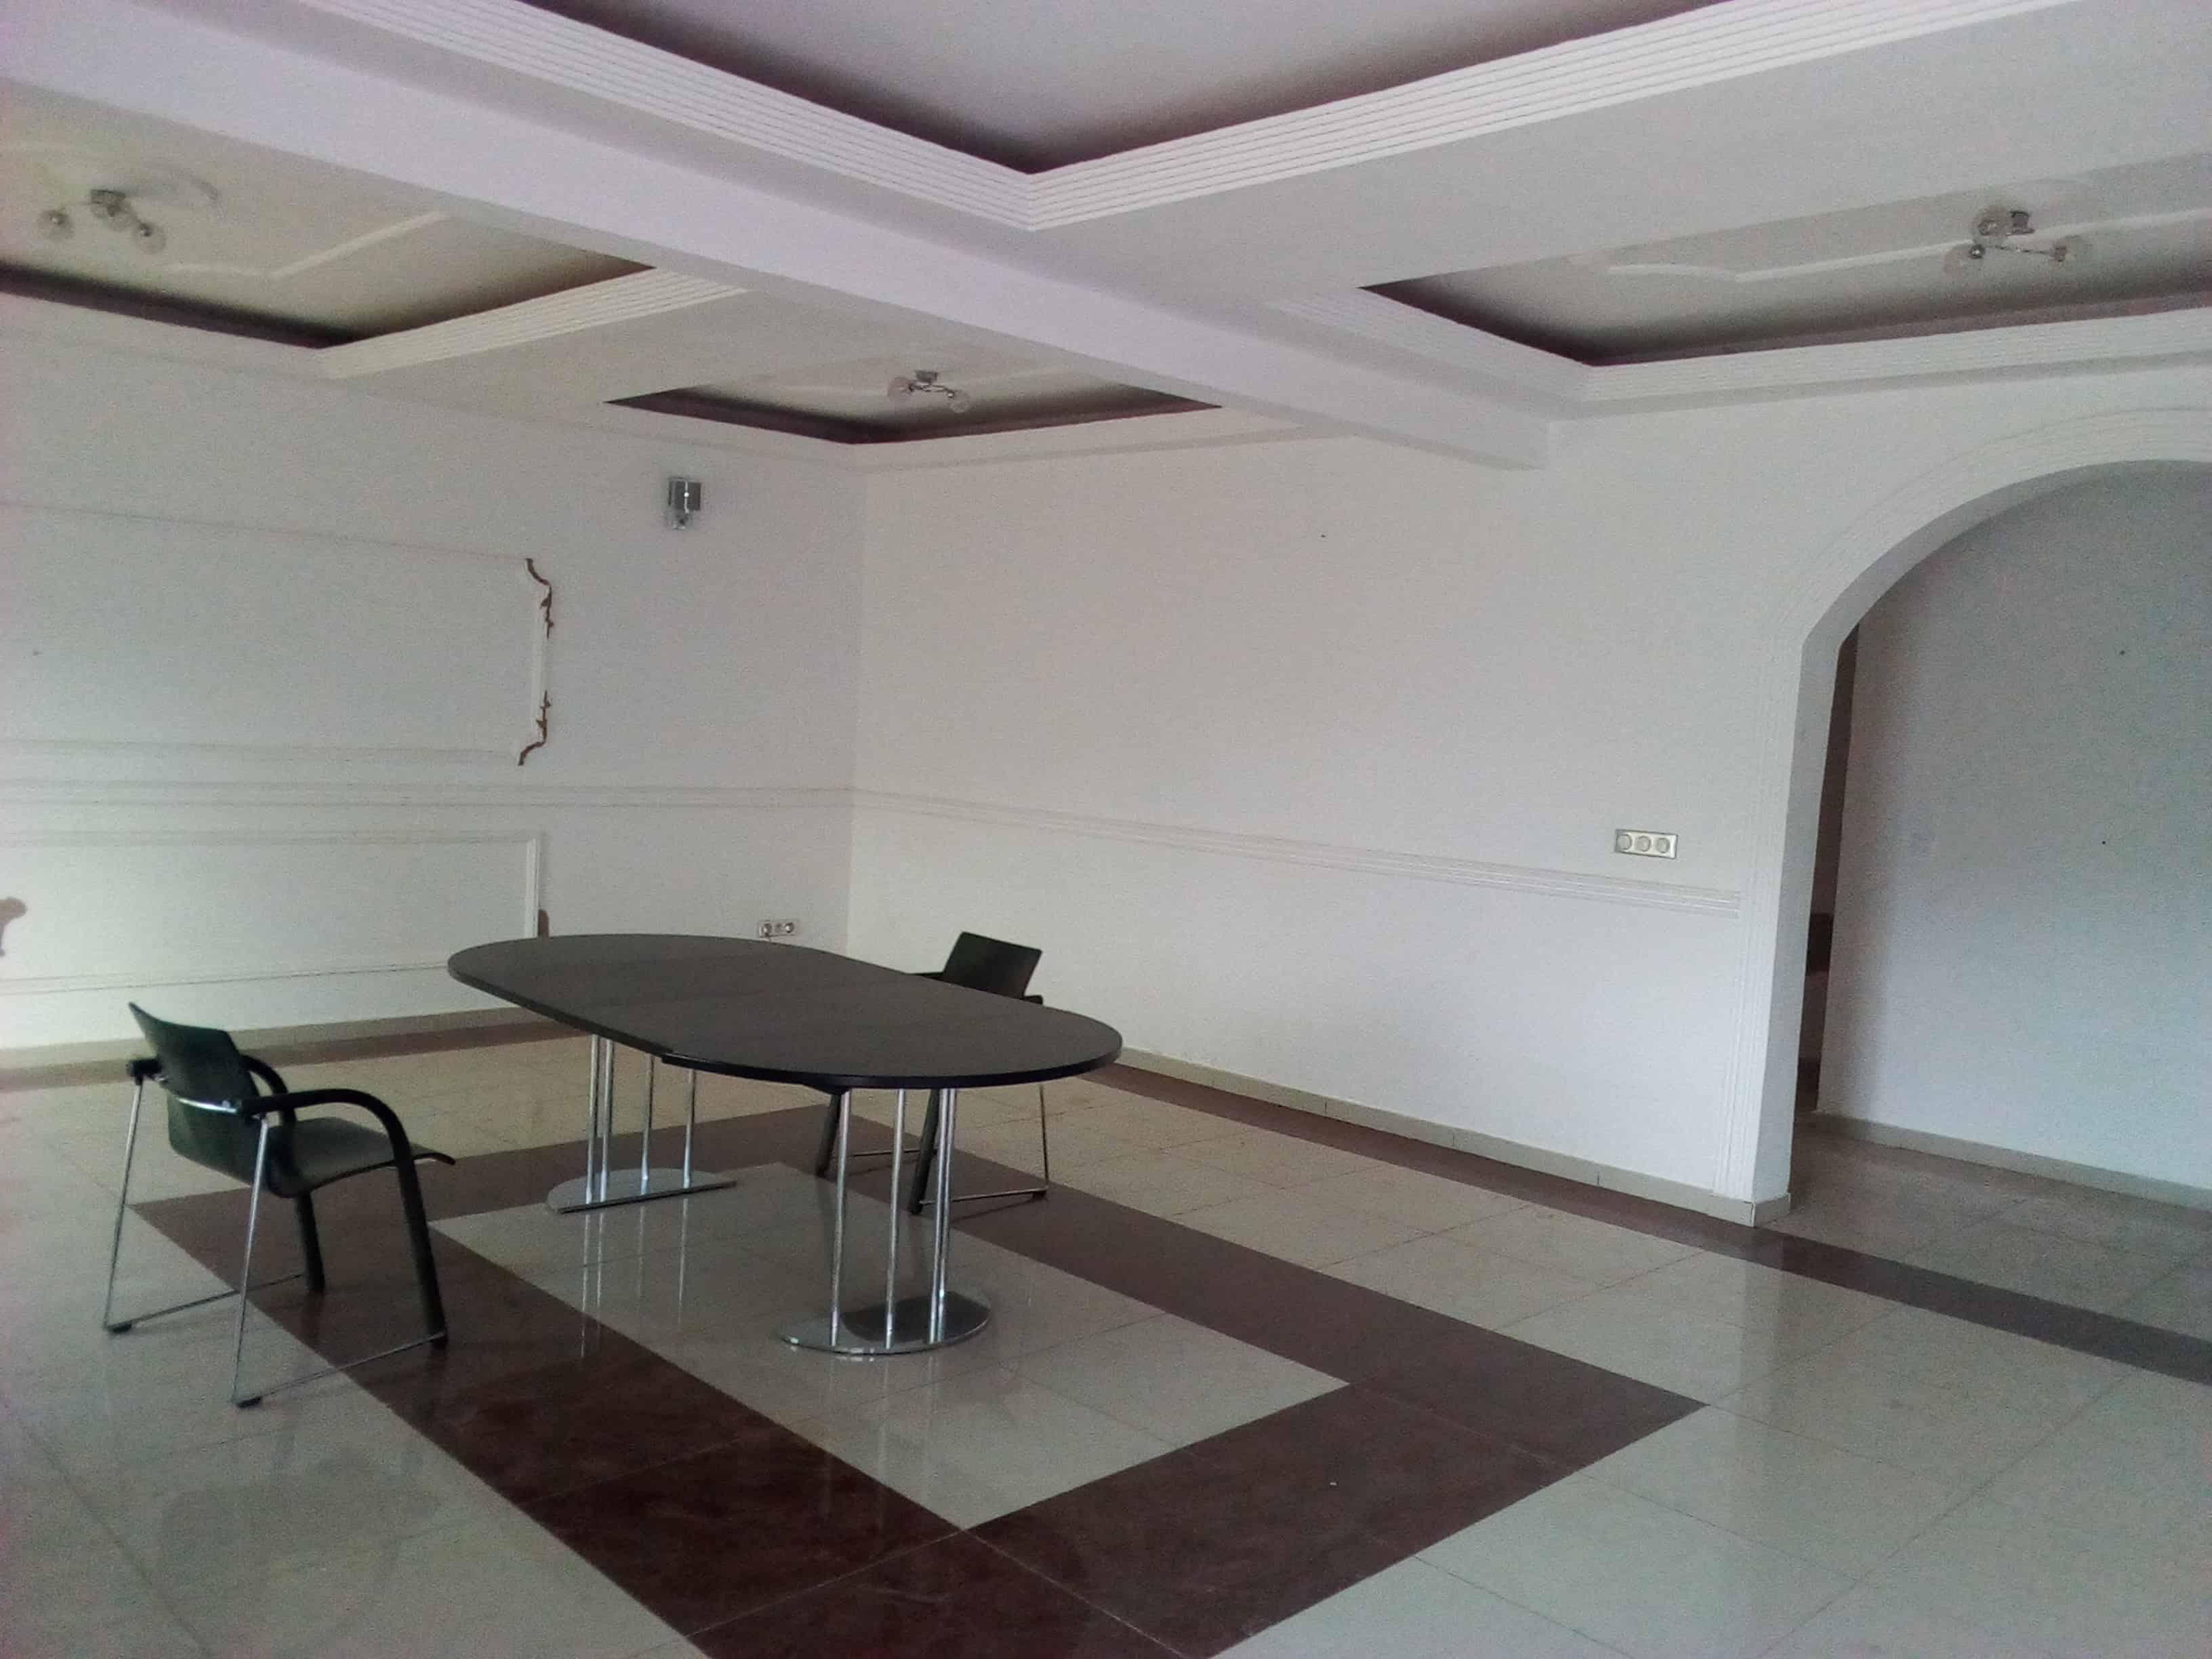 Bureau à louer à Yaoundé, Bastos, golf -  m2 - 1 700 000 FCFA